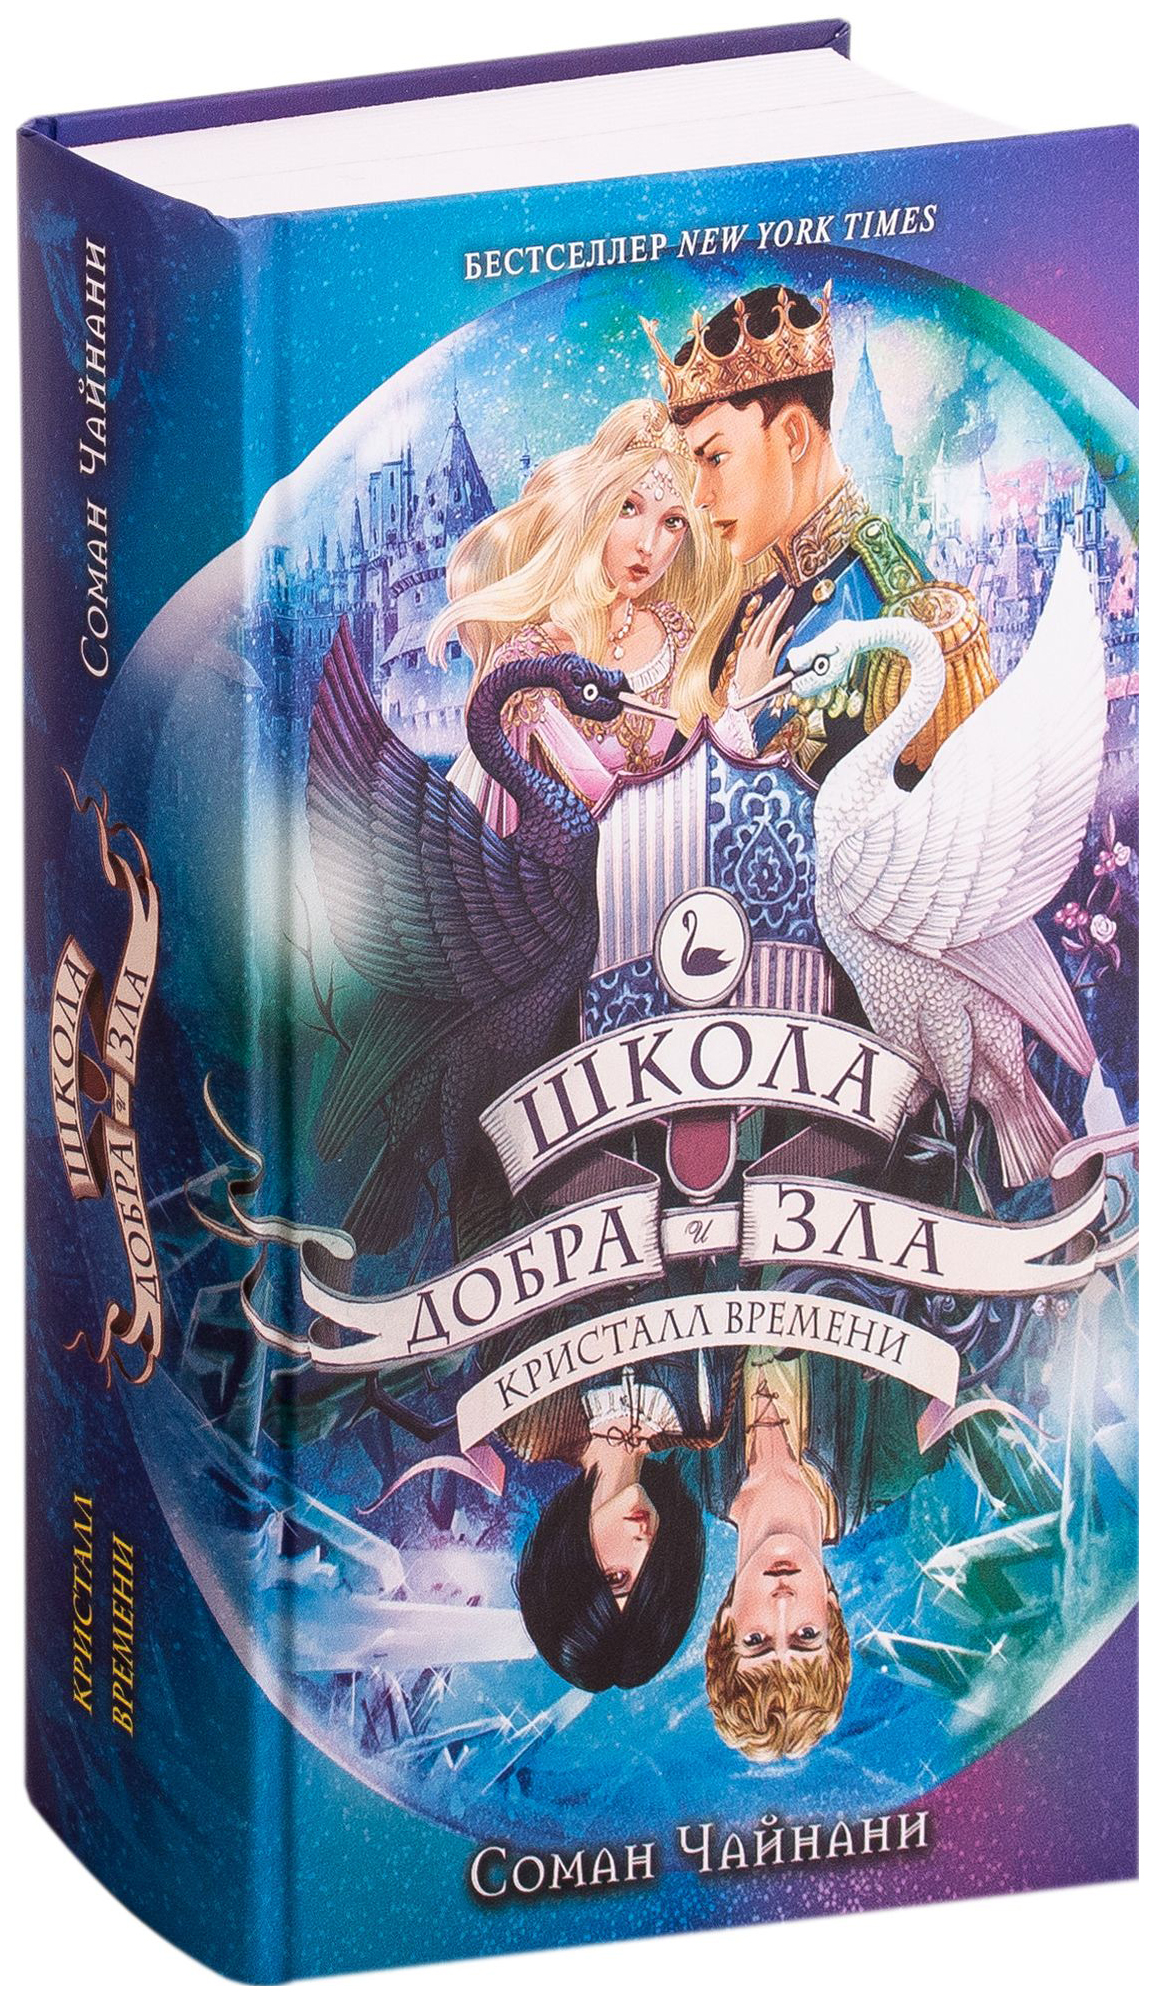 Купить Школа Добра и Зла. кристалл Времени (#5), Эксмо, Детские фэнтези и фантастика